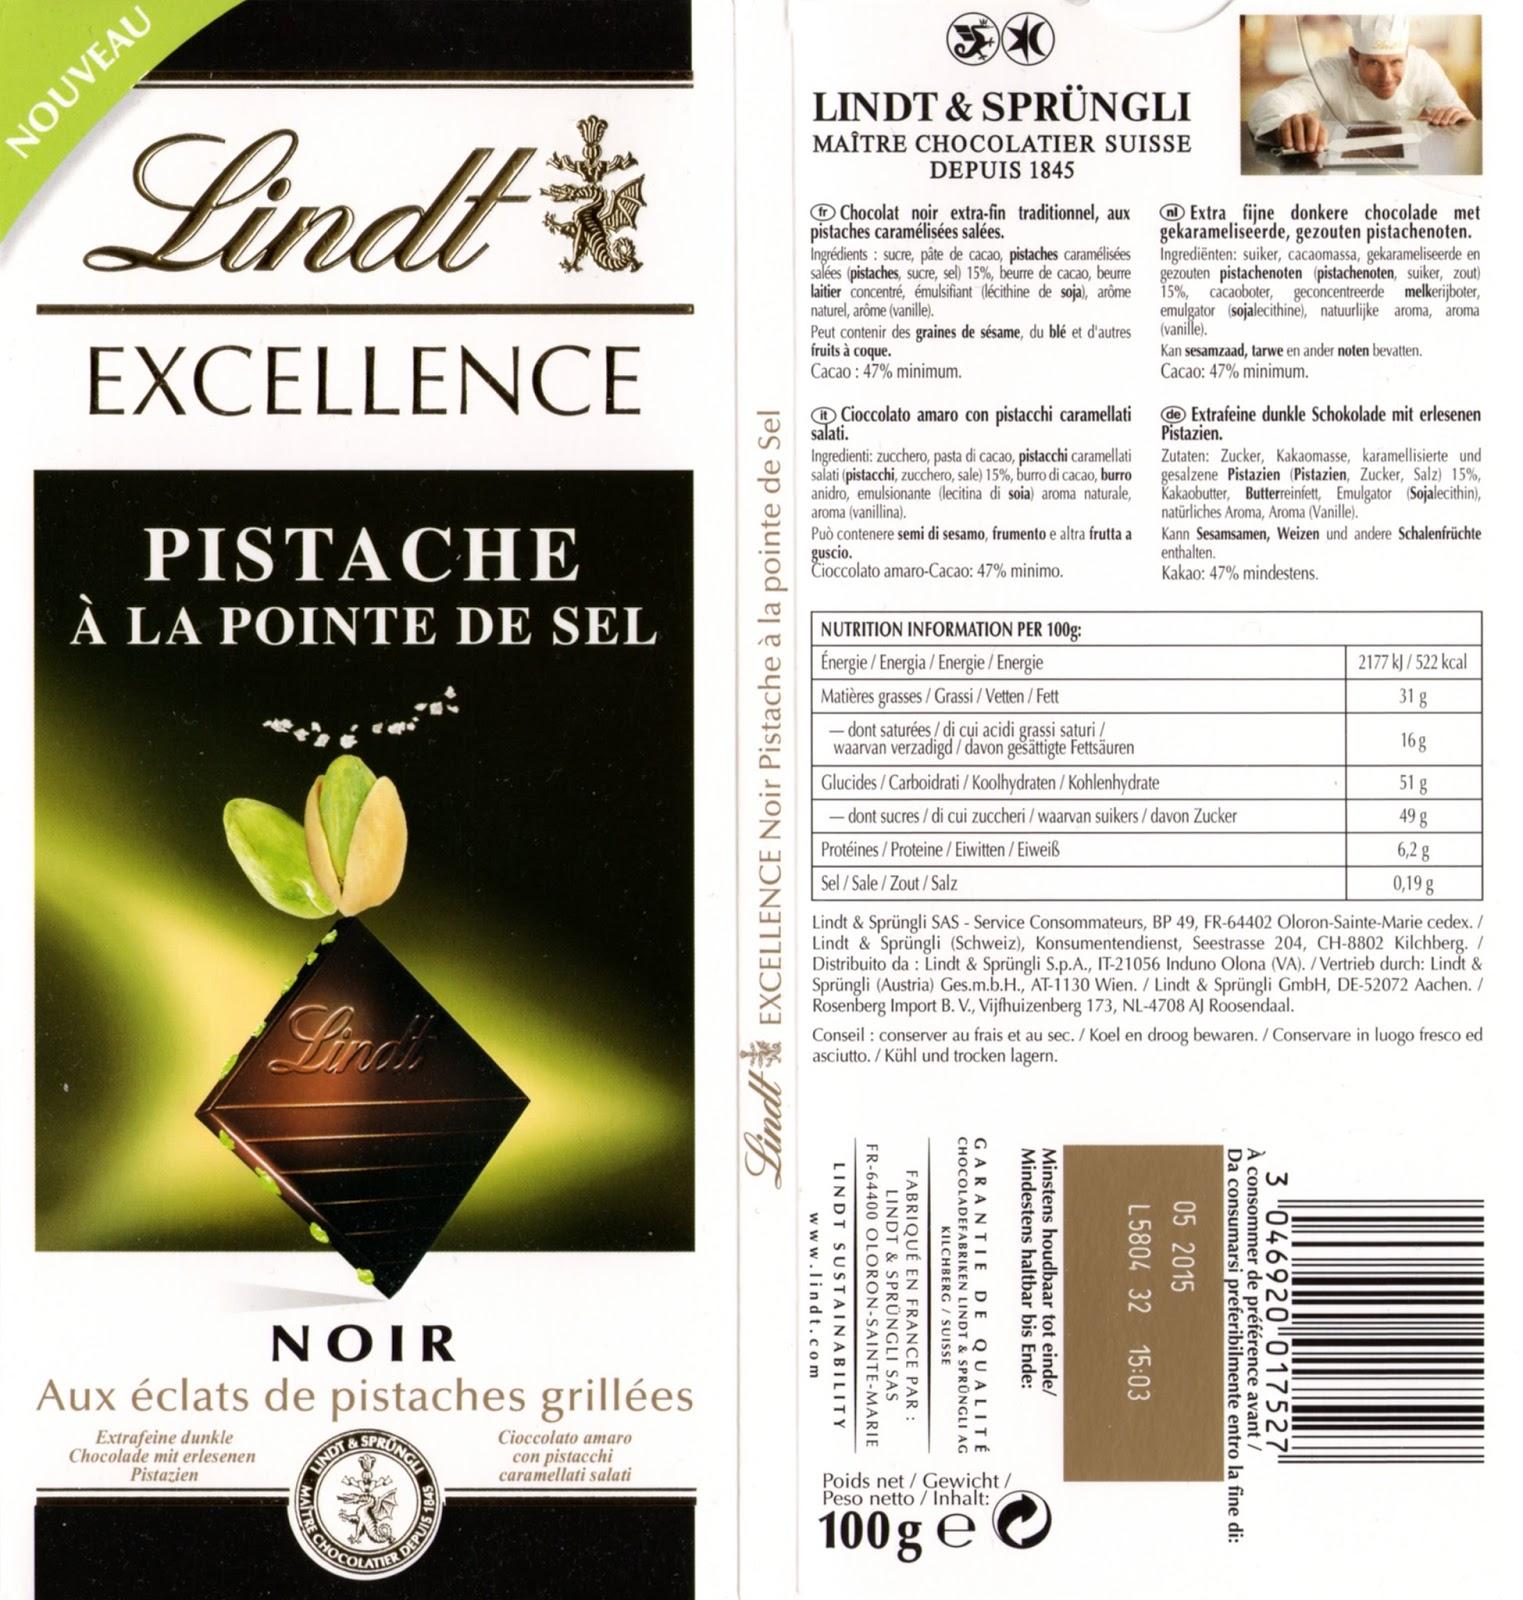 tablette de chocolat noir gourmand lindt excellence pistache à la pointe de sel